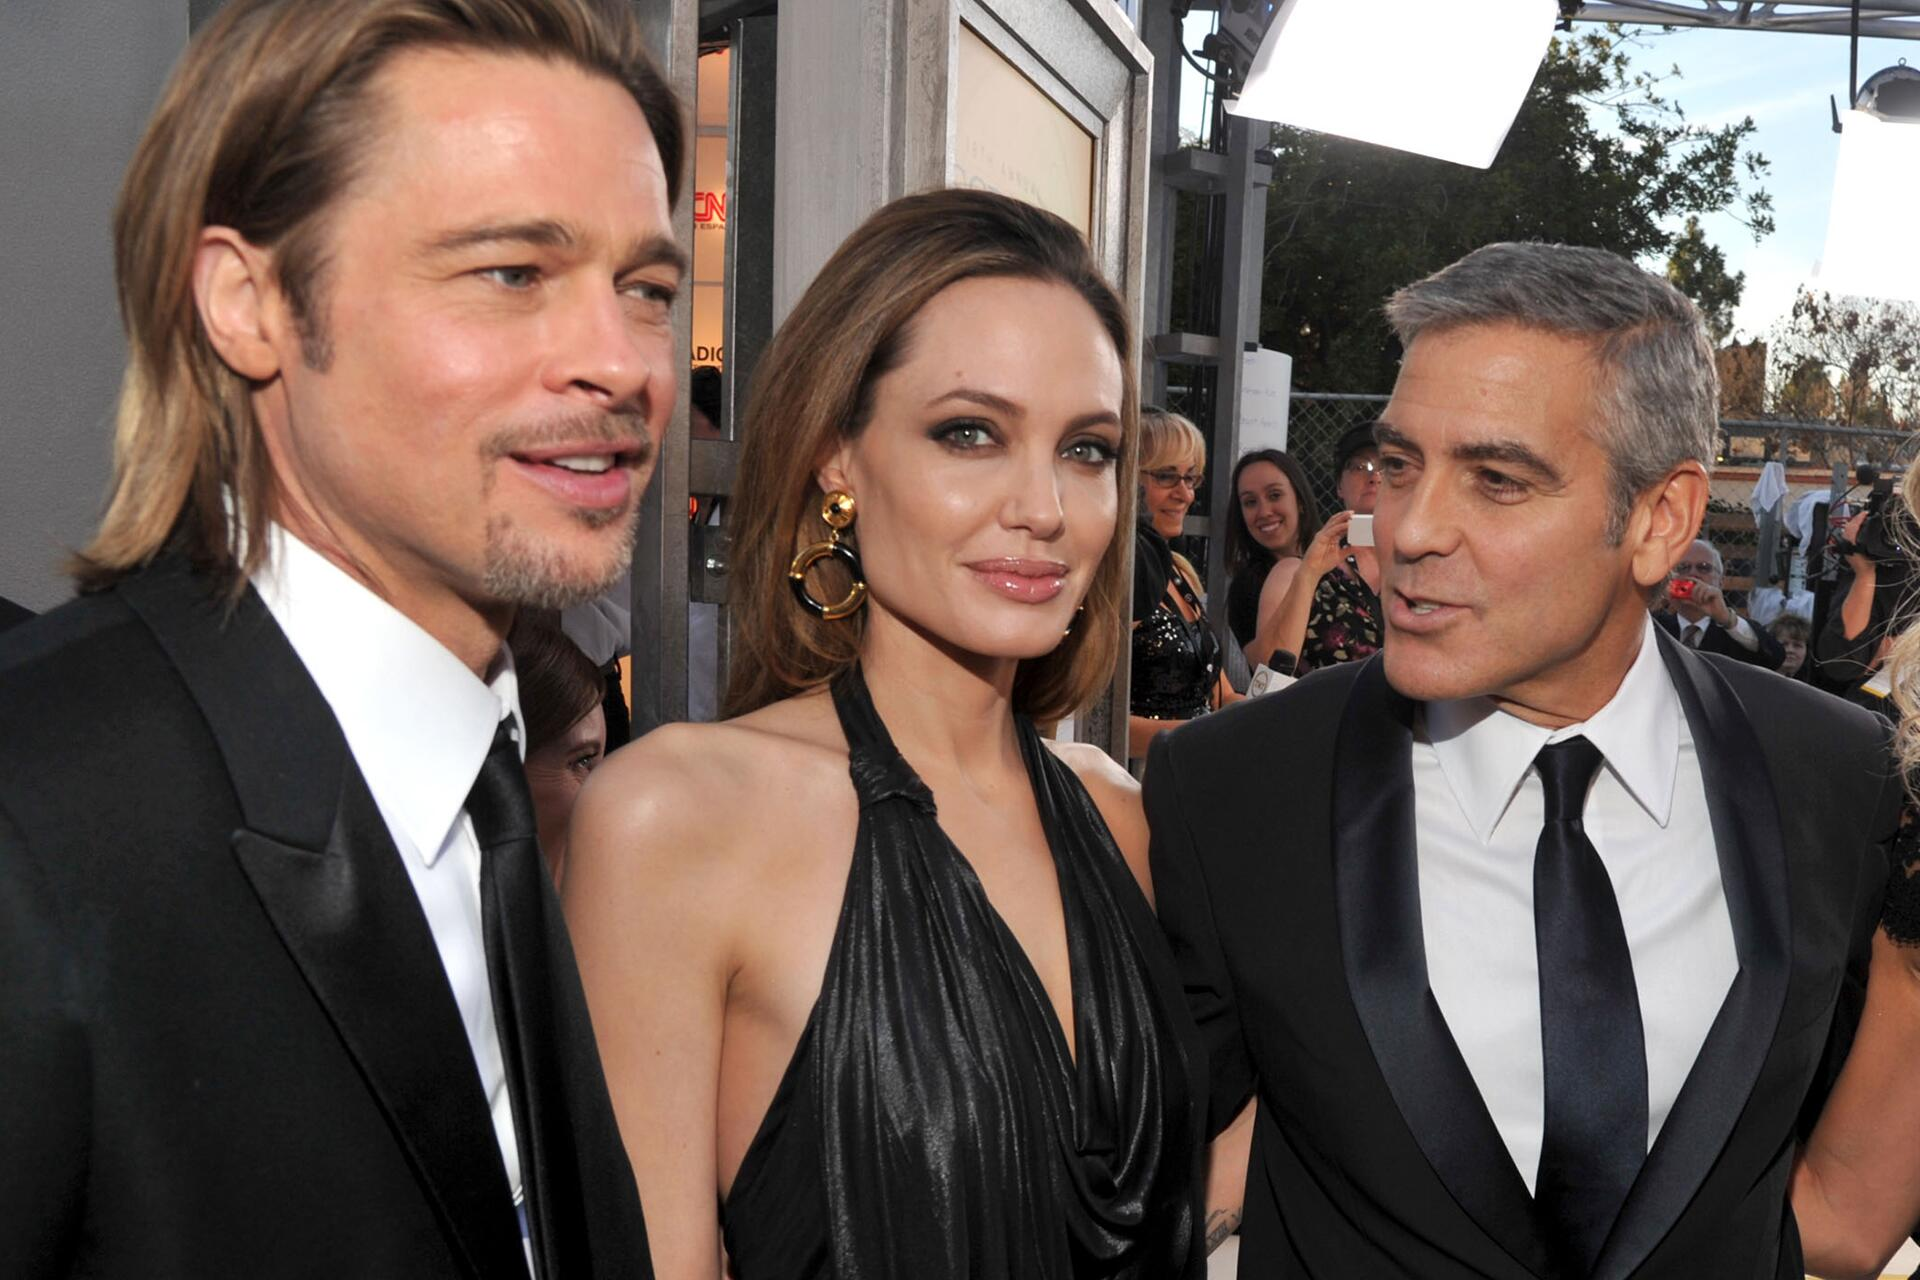 Bild zu George Clooney, Brangelina, Brad Pitt, Angelina Jolie, Scheidung